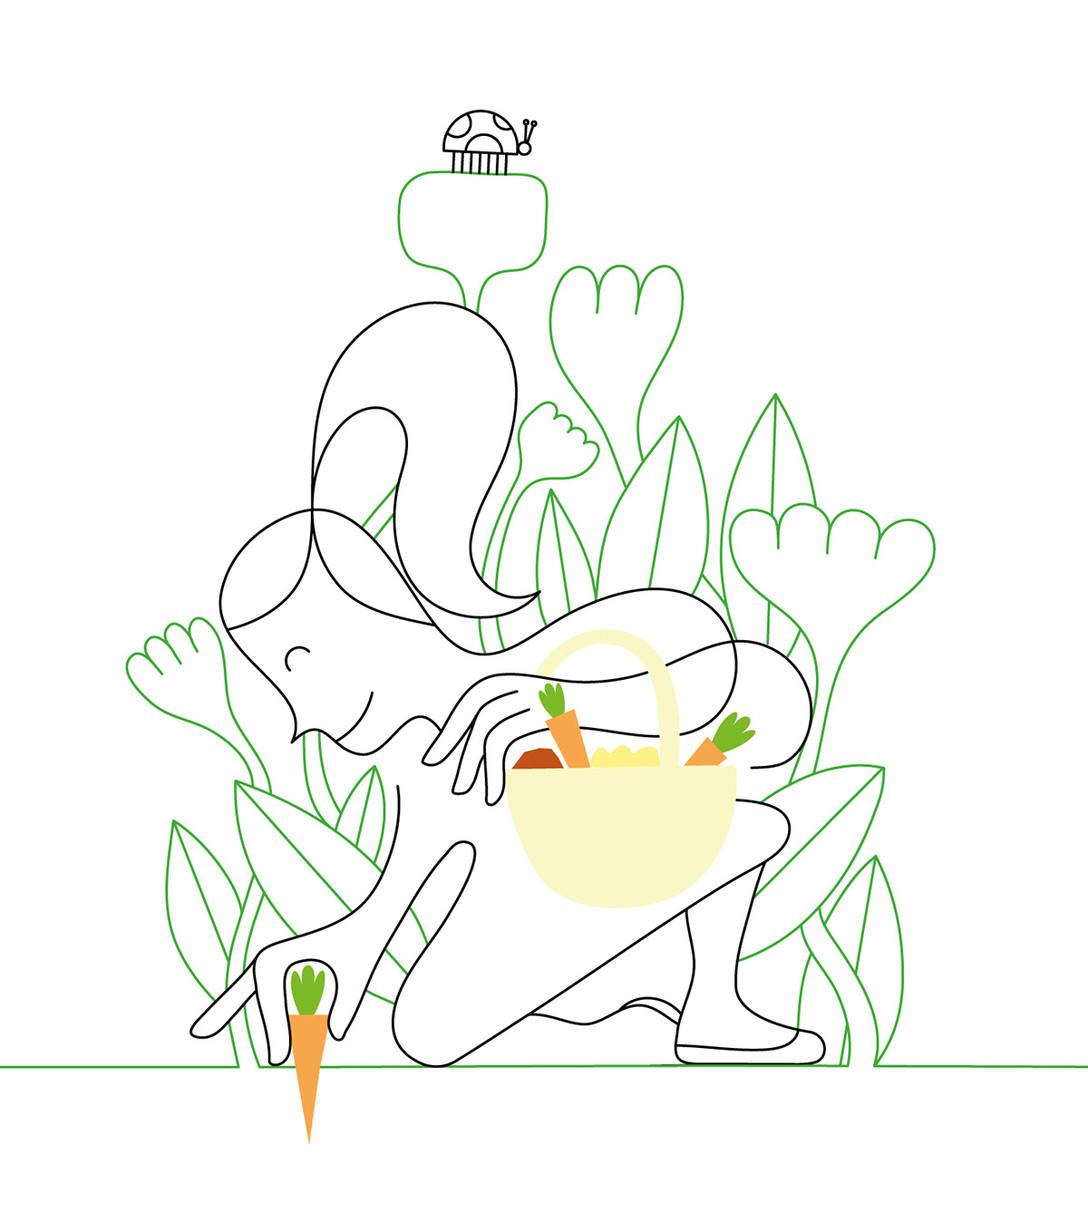 任刚 Ren Gang 整理分享 世界设计 设计世界 国外产品包装插画设计欣赏 – a nature connection -NOWPLANTING,类别:插画、包装、生鲜、水果